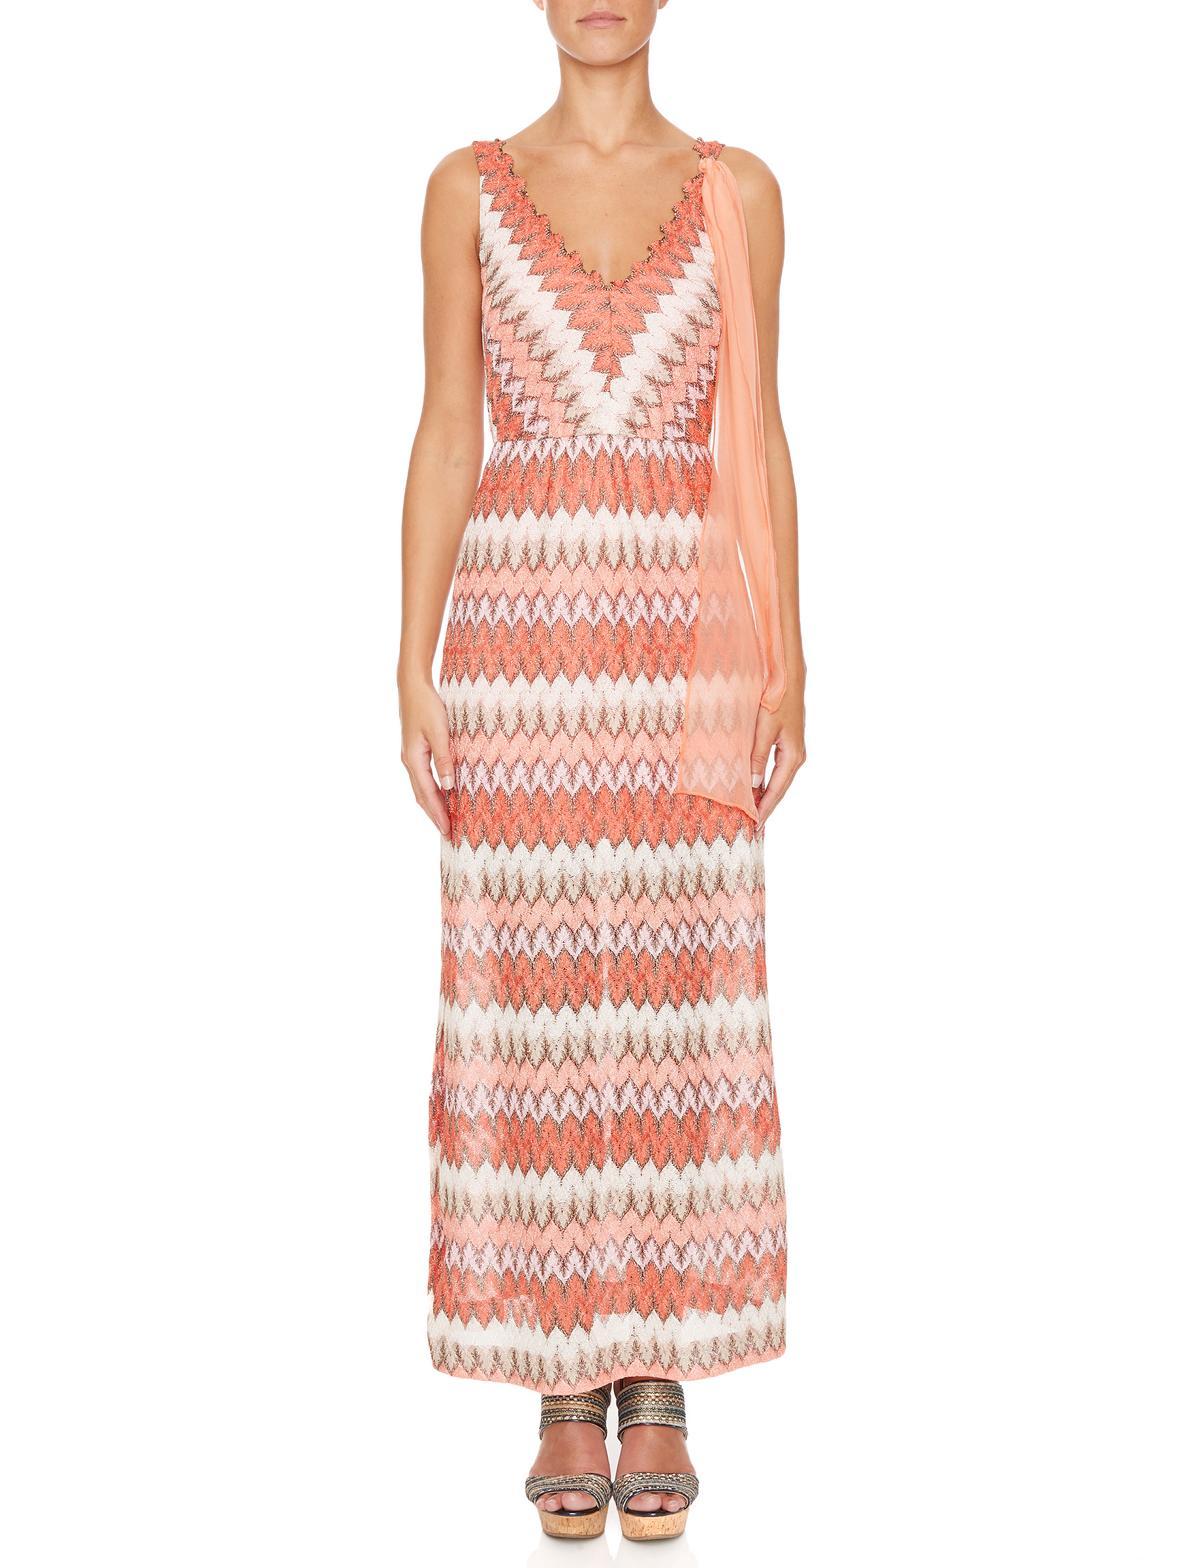 Vorderansicht von Ana Alcazar Maxi Kleid Masikalys  angezogen an Model